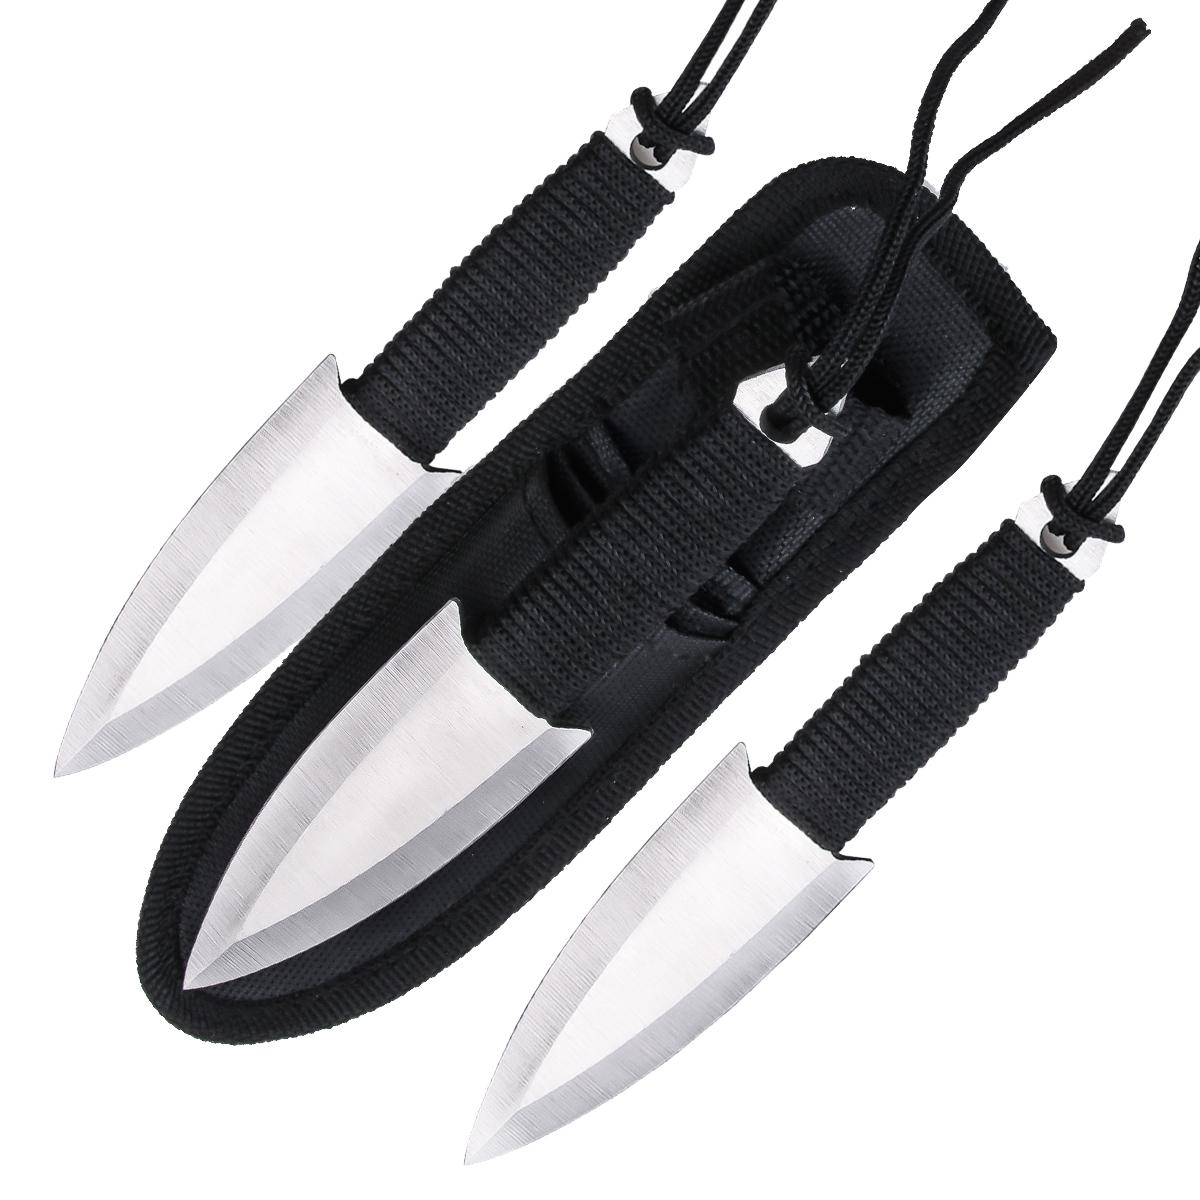 Метательные ножи Мастер-К Black